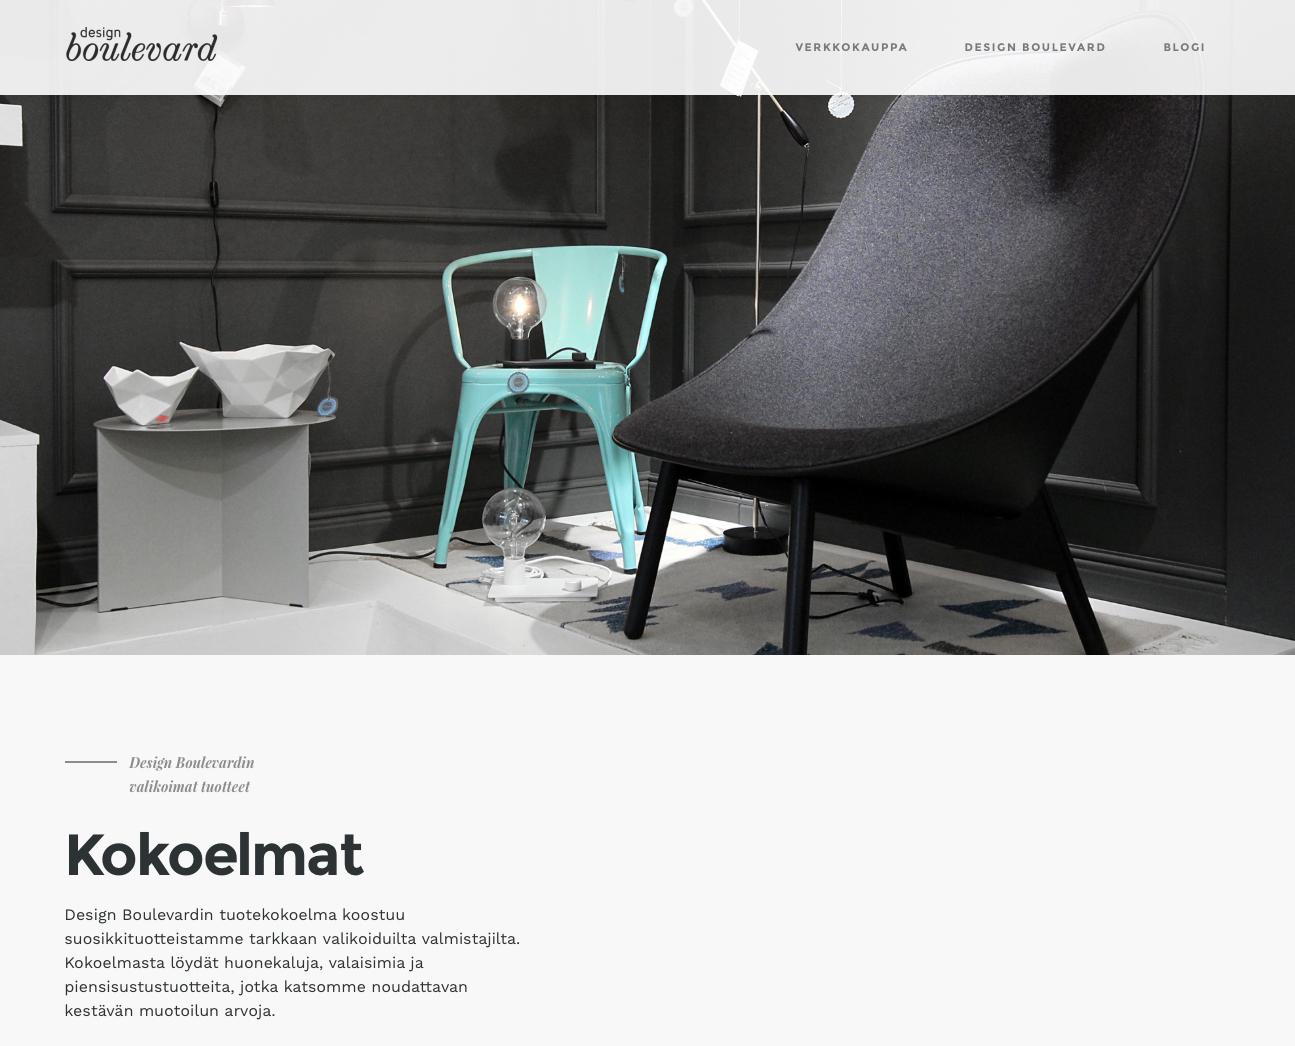 Design Boulevard nettisivu ja blogi